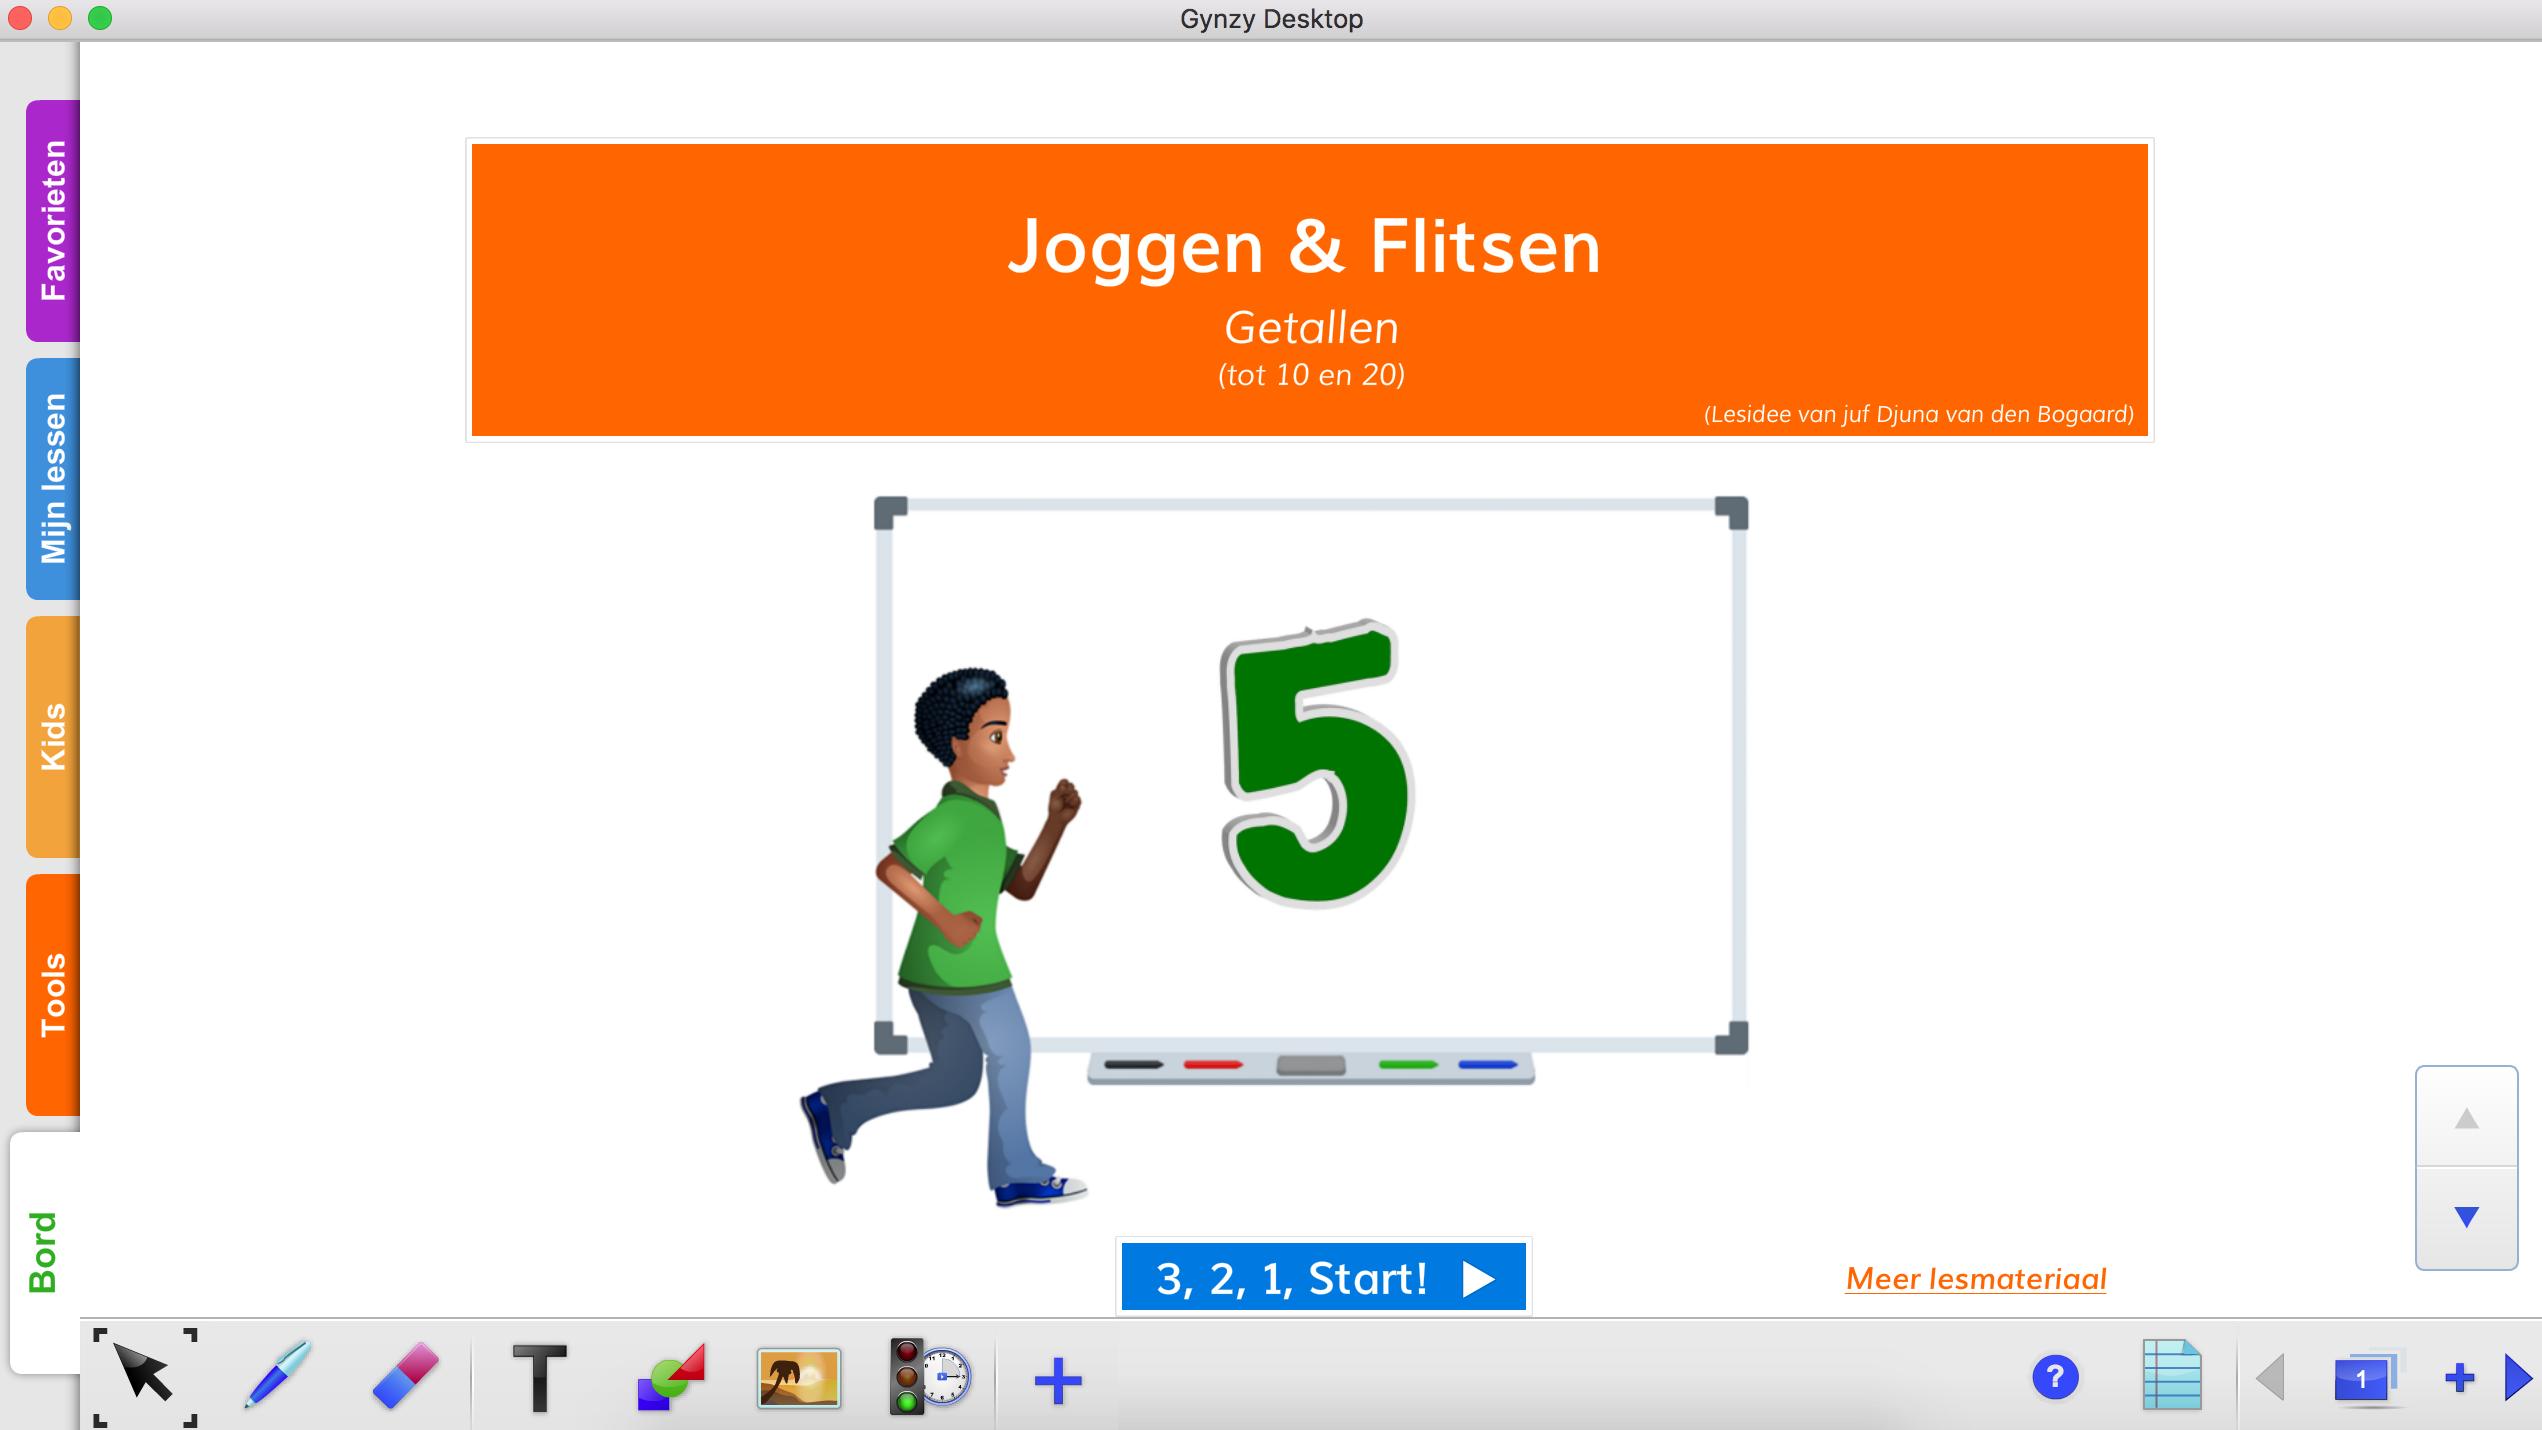 Hedendaags Kleuters digitaal! Bewegend de cijfers met Gynzy leren! - Kleuters YW-64